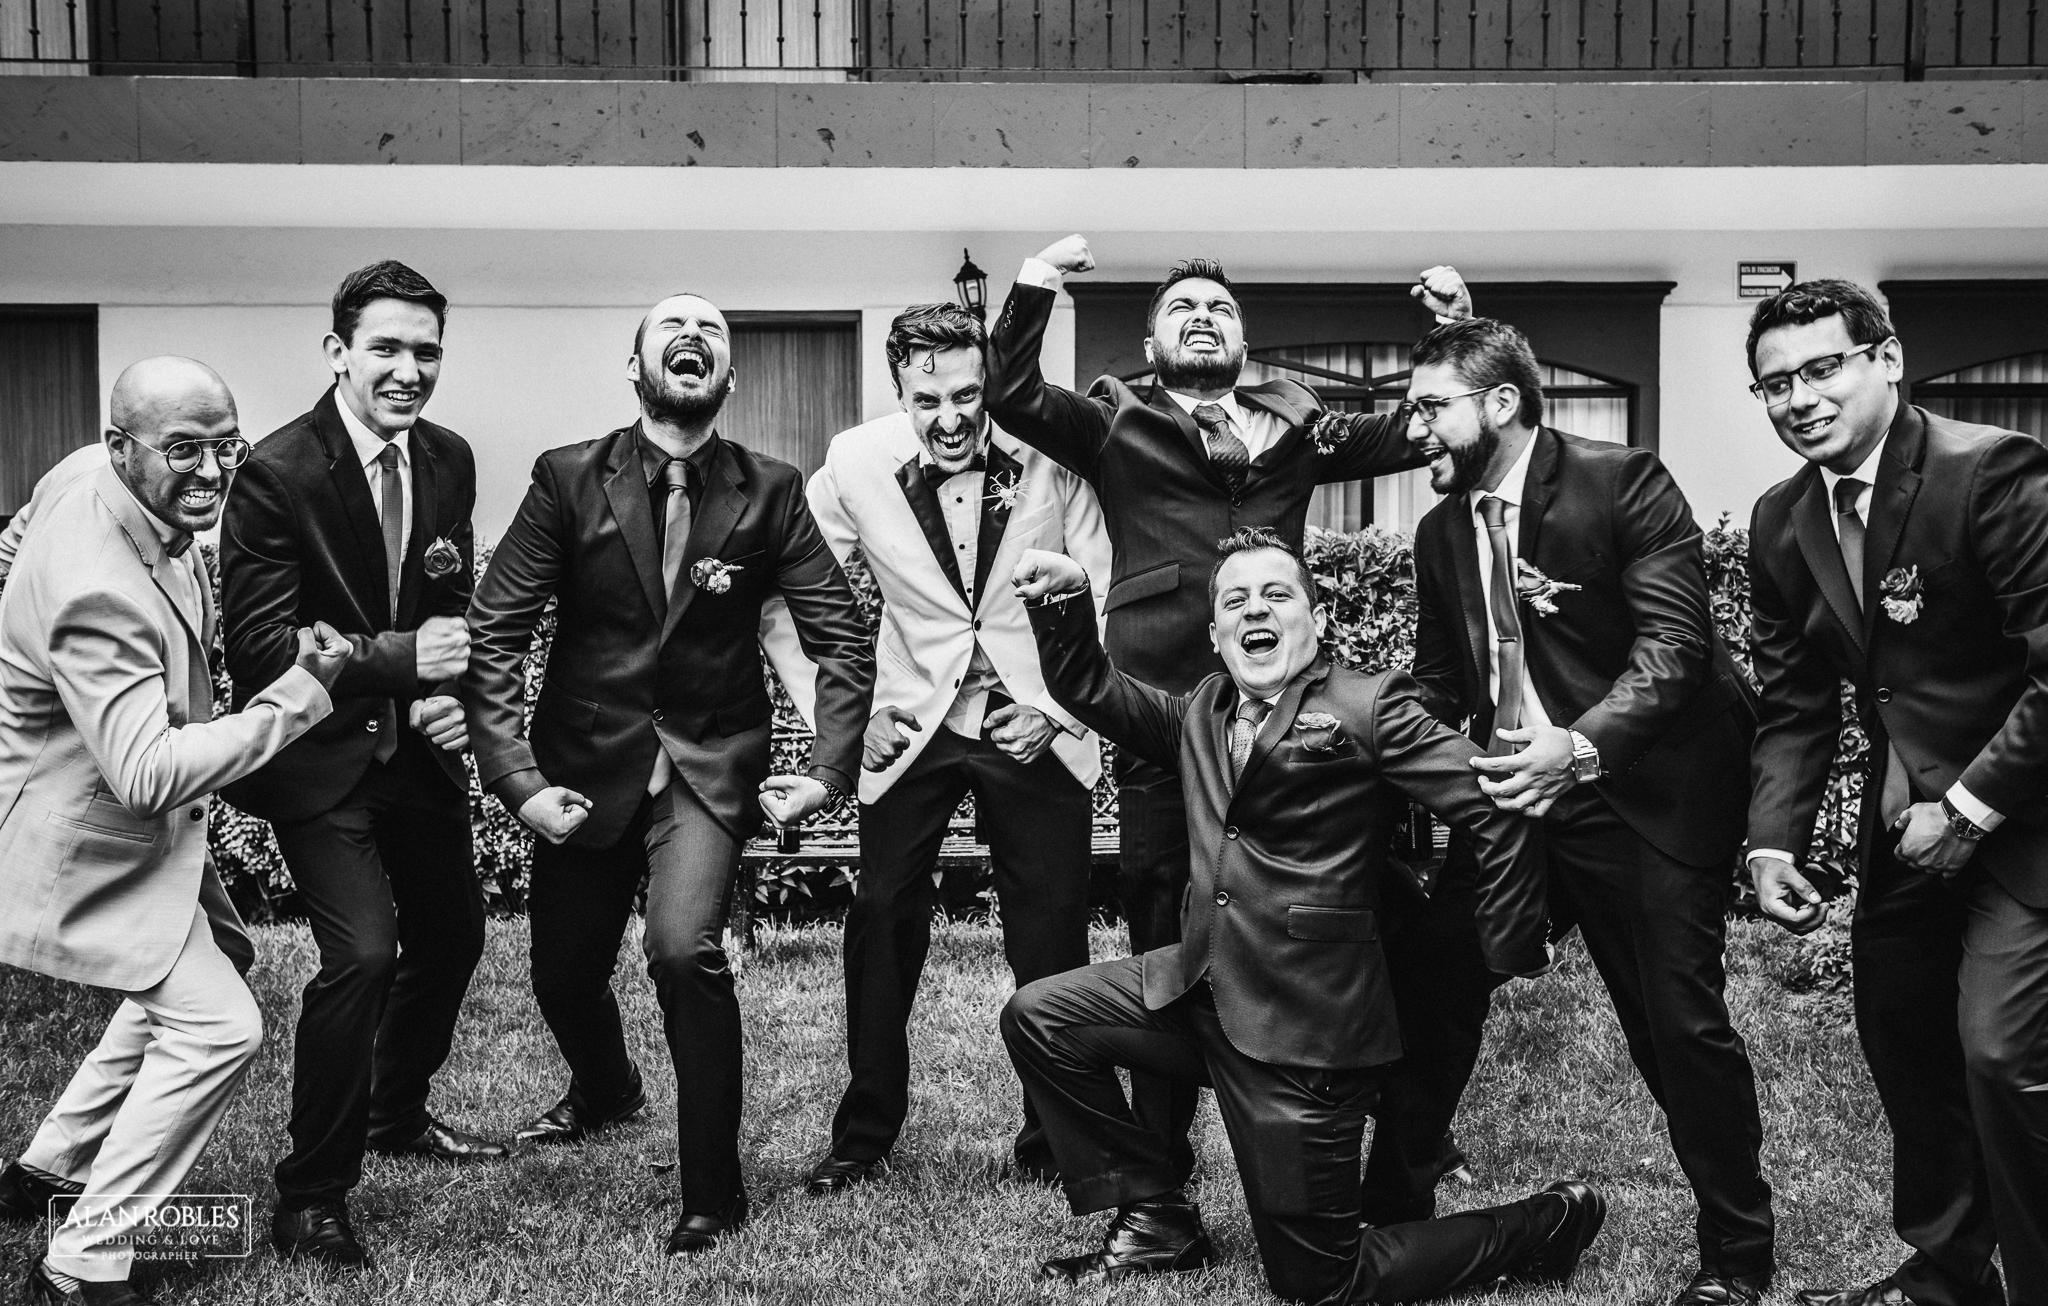 Novio y Best mens en sesion fotografica el dia de su boda. Sesion de fotos divertidas. Hulk. Fotografo de bodas Alan Robles.